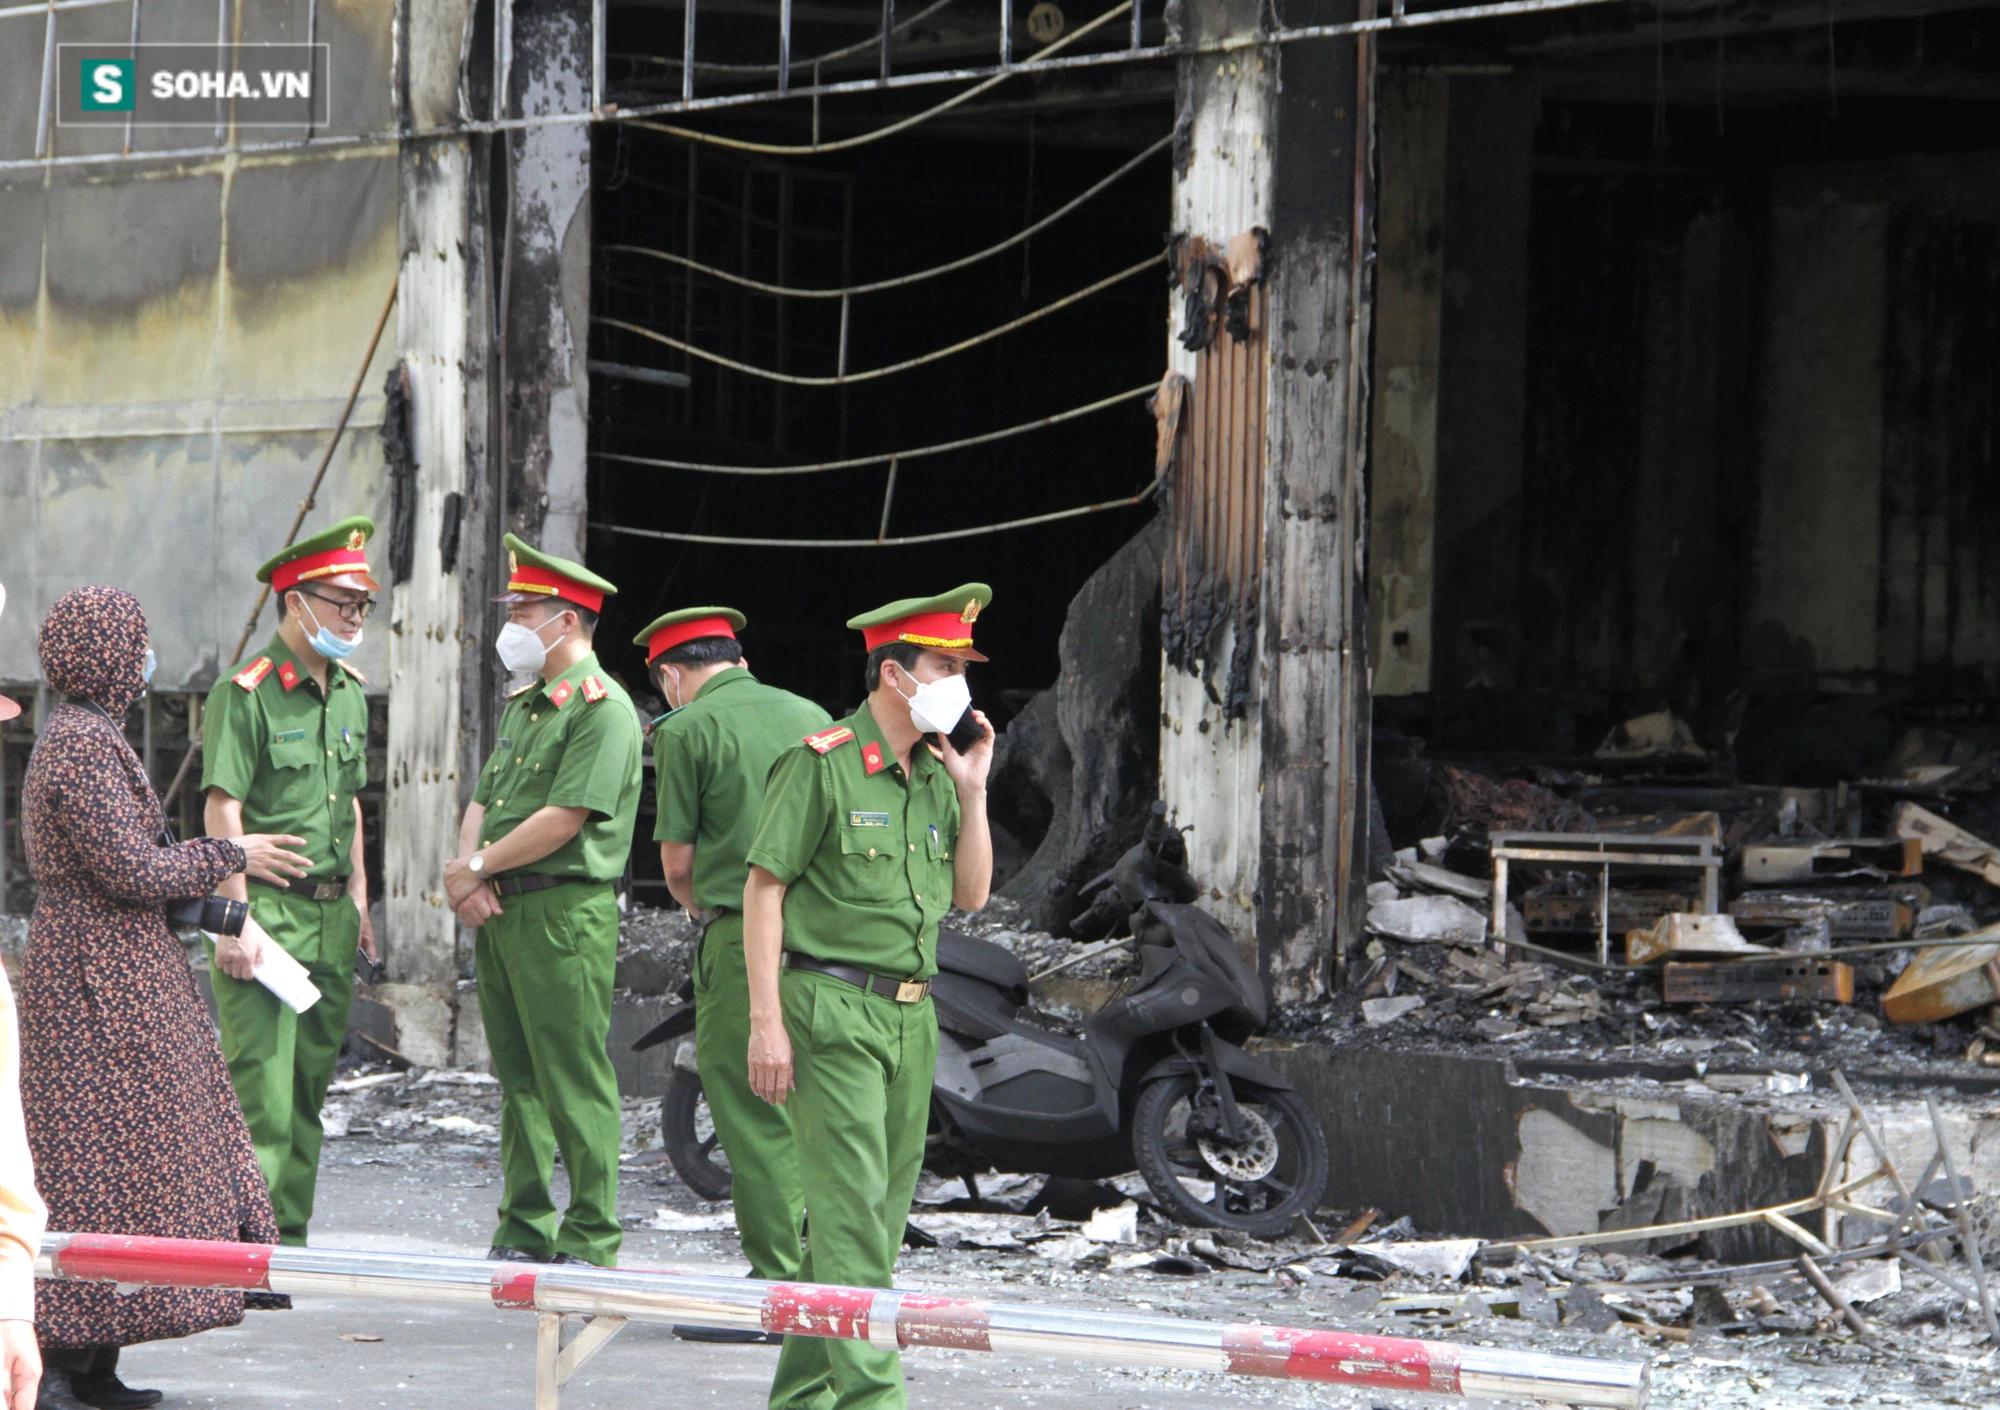 Cận cảnh hiện trường bên trong phòng trà bị cháy khiến 6 người tử vong ở Nghệ An - Ảnh 6.